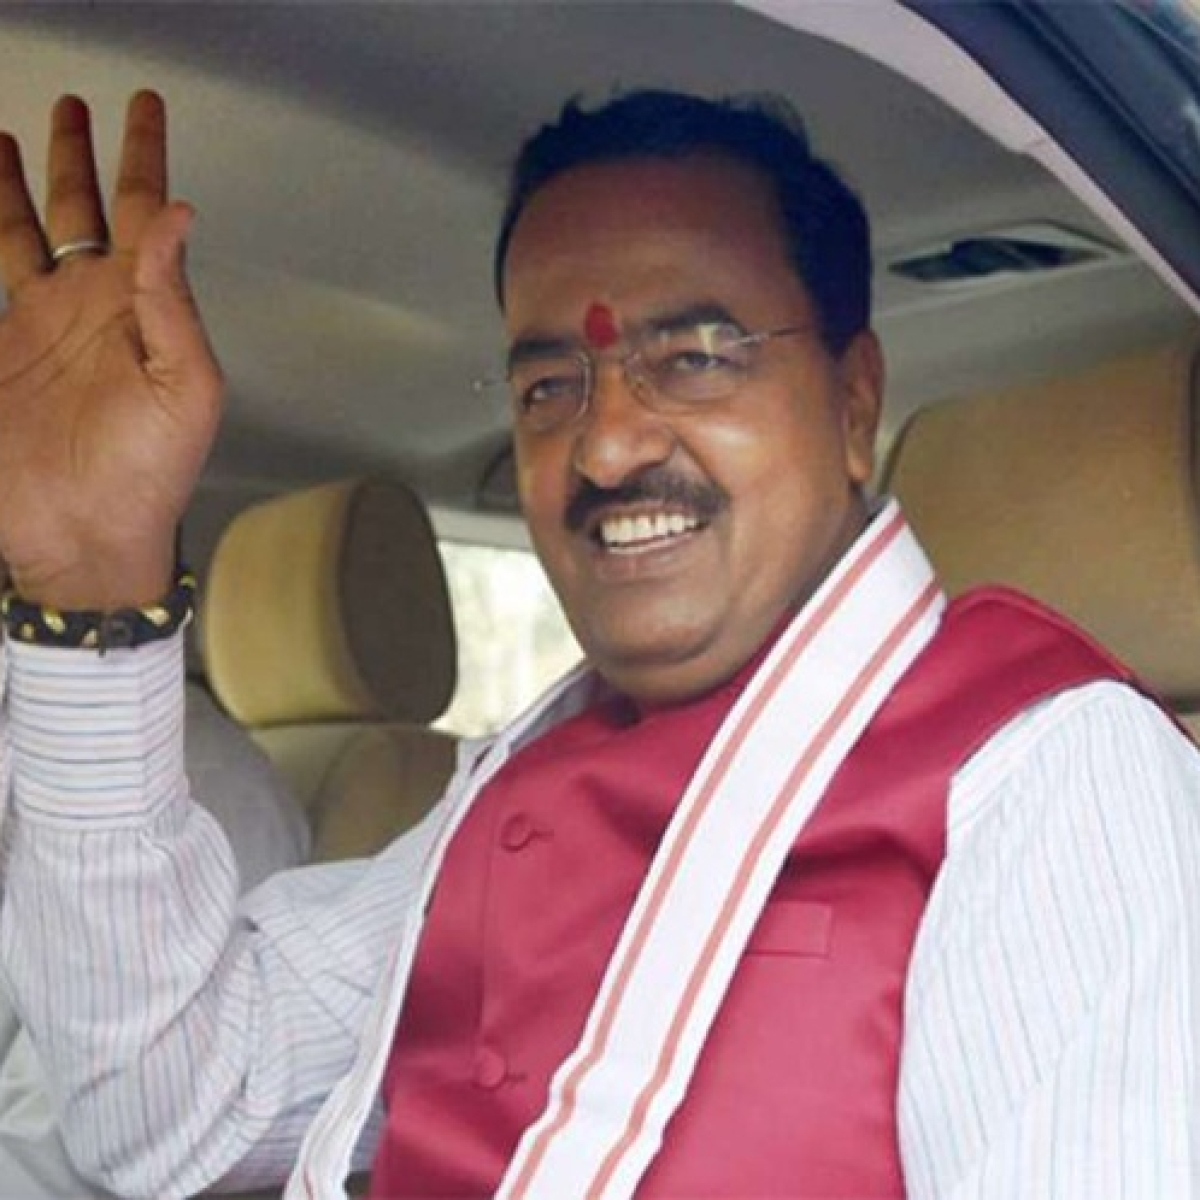 BJP govt worked more in 4 yrs in Uttar Pradesh than SP, BSP in 15 yrs: Keshav Prasad Maurya